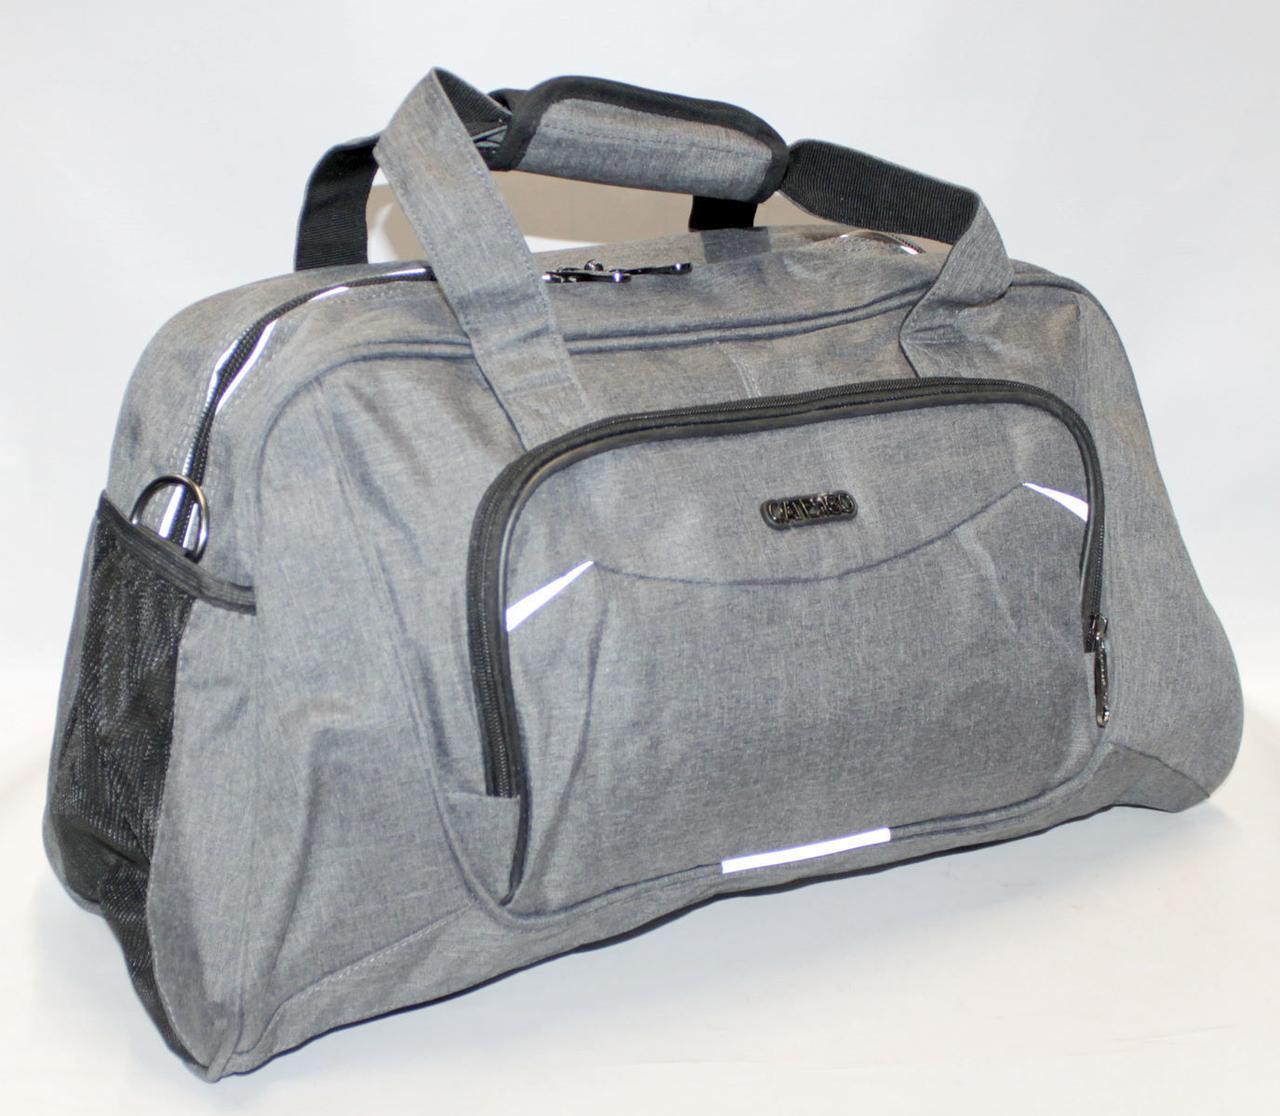 """Спортивная сумка """"Catesigo"""" 2297-24"""" (60 см)"""